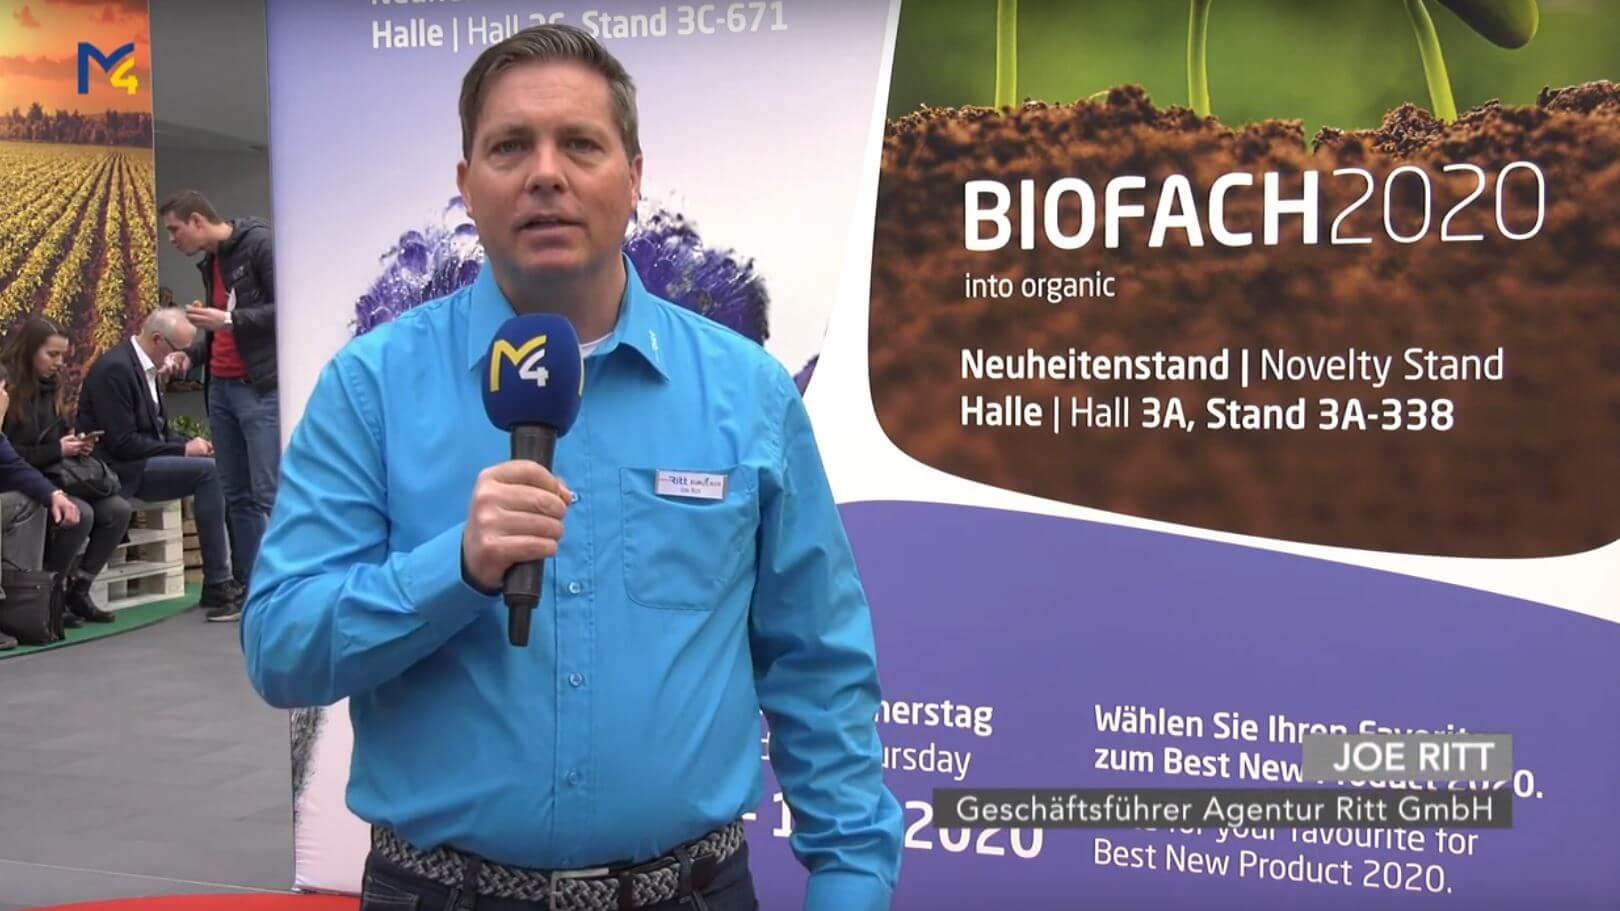 BIOFACH 2020 – Weltleitmesse für Bio-Lebensmittel